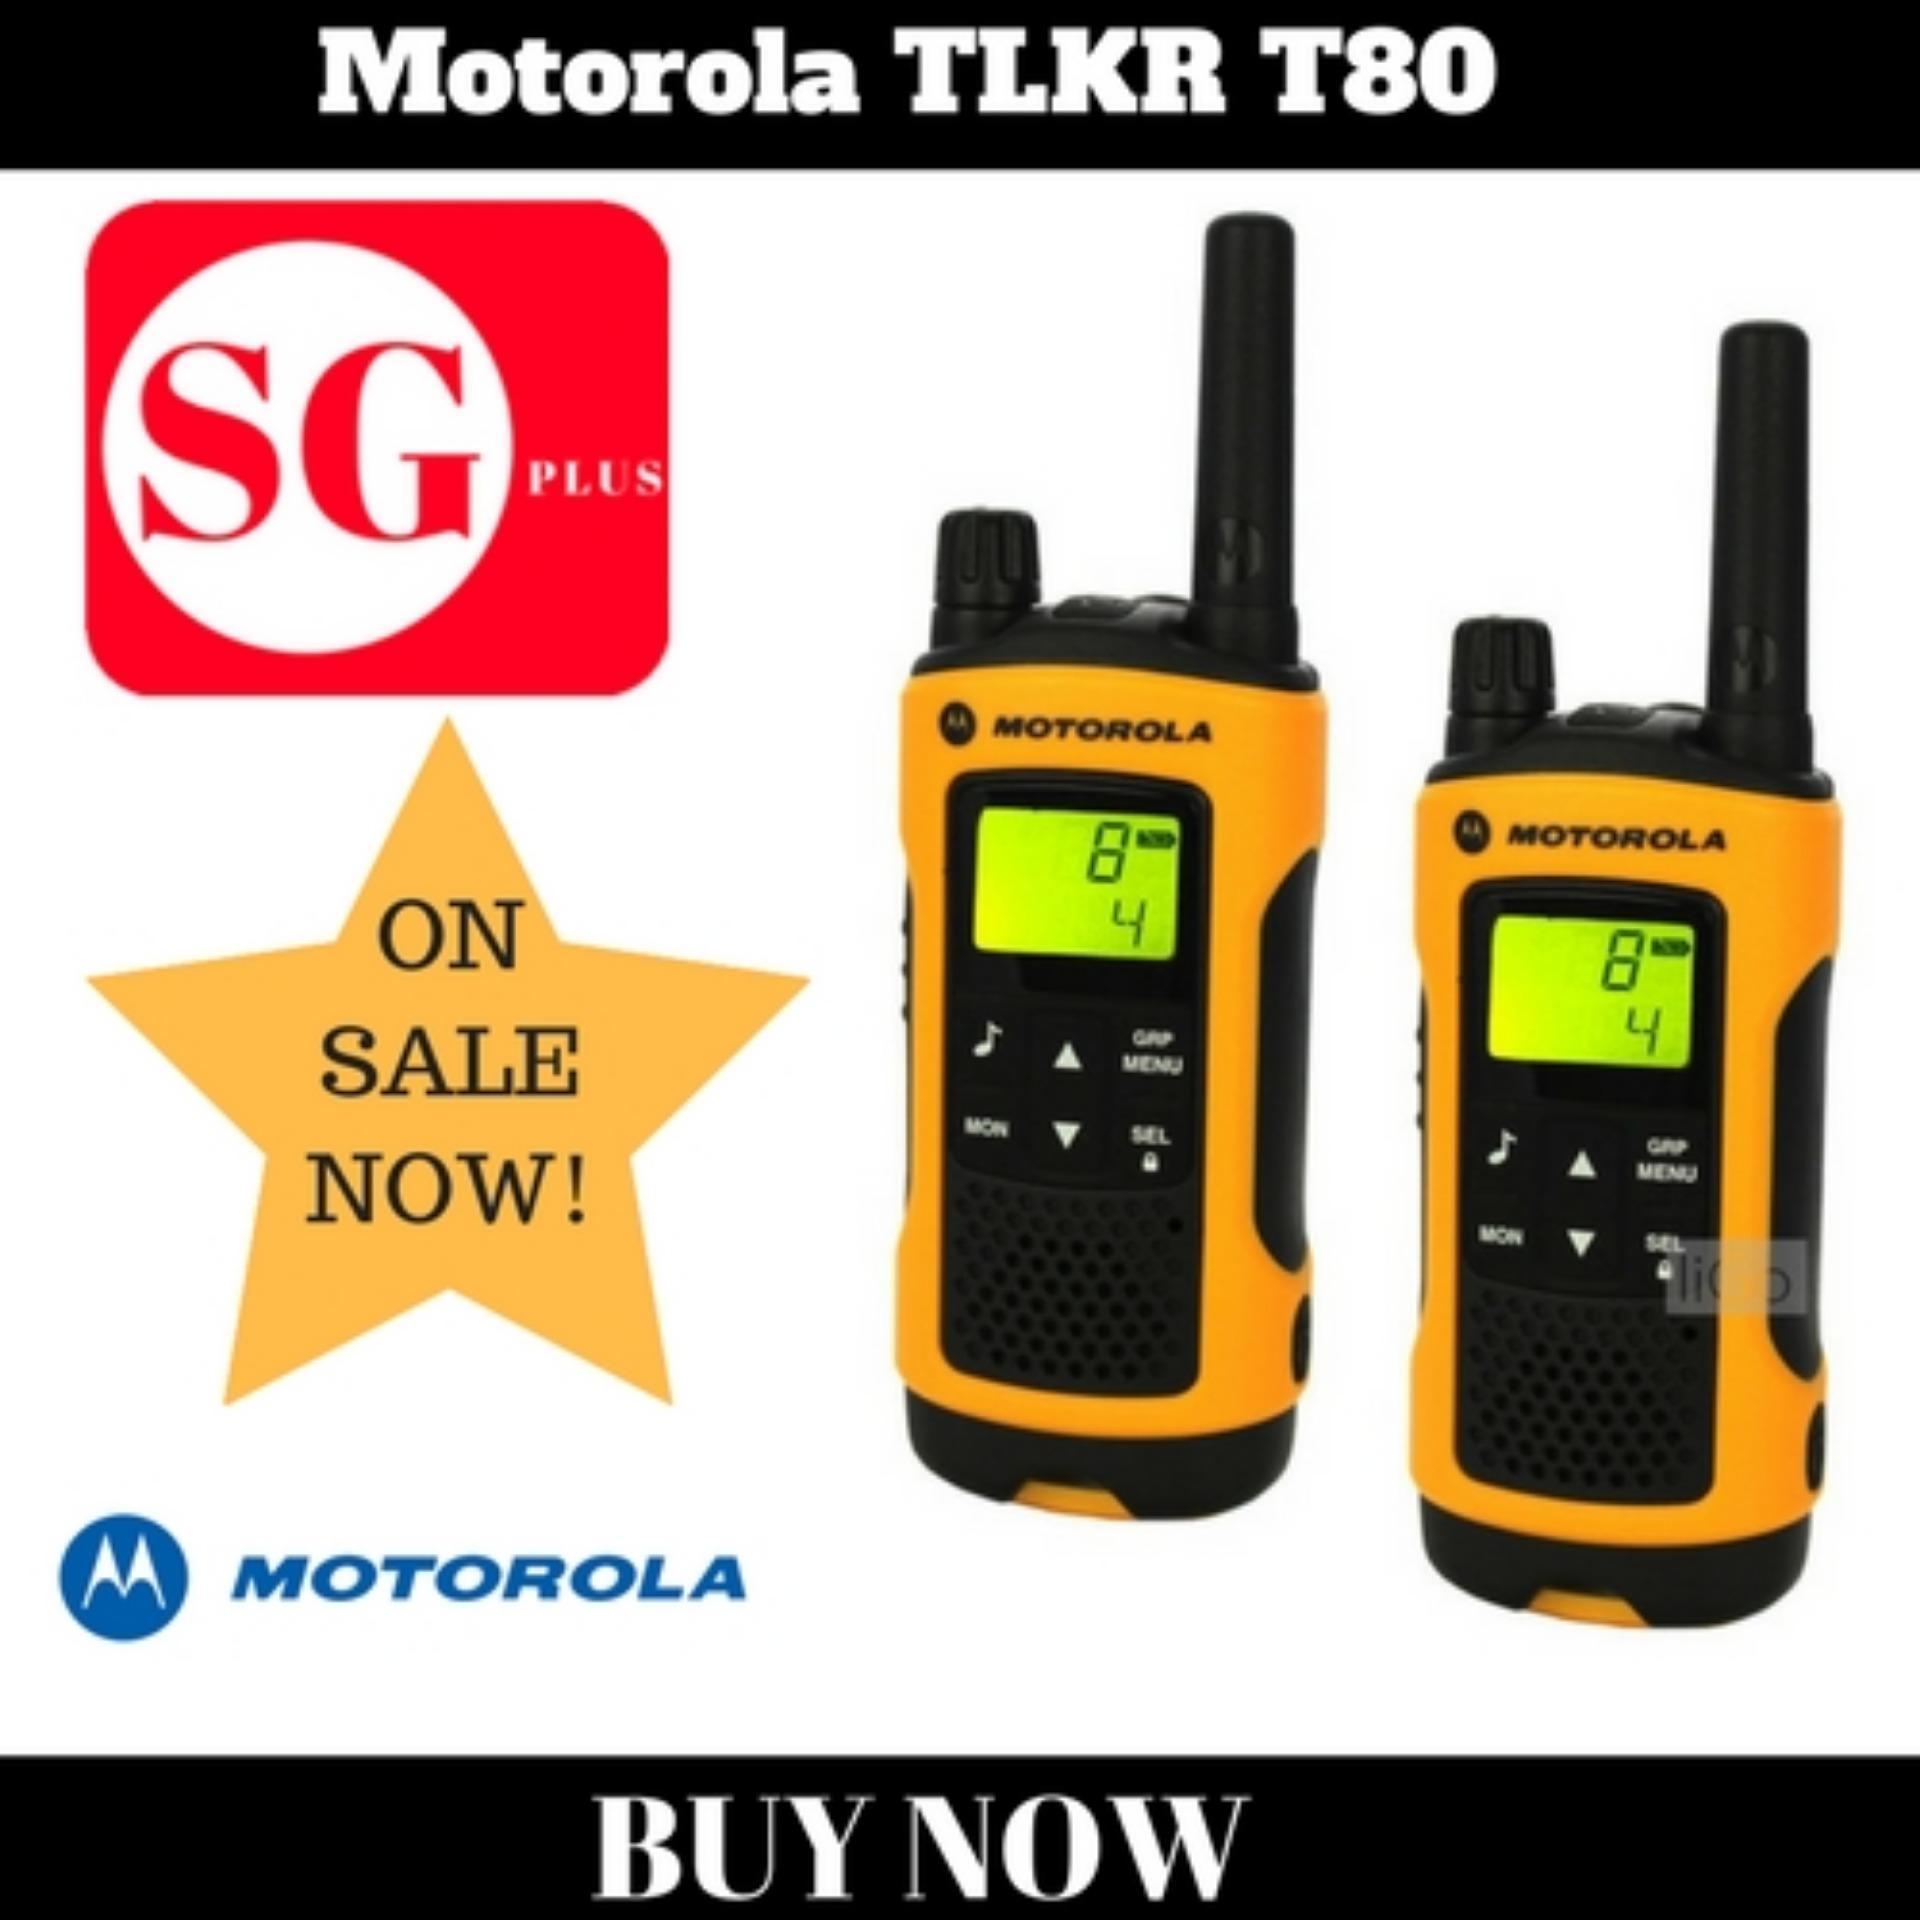 Buy Motorola Walkie Talkie Tlkr T80 Motorola